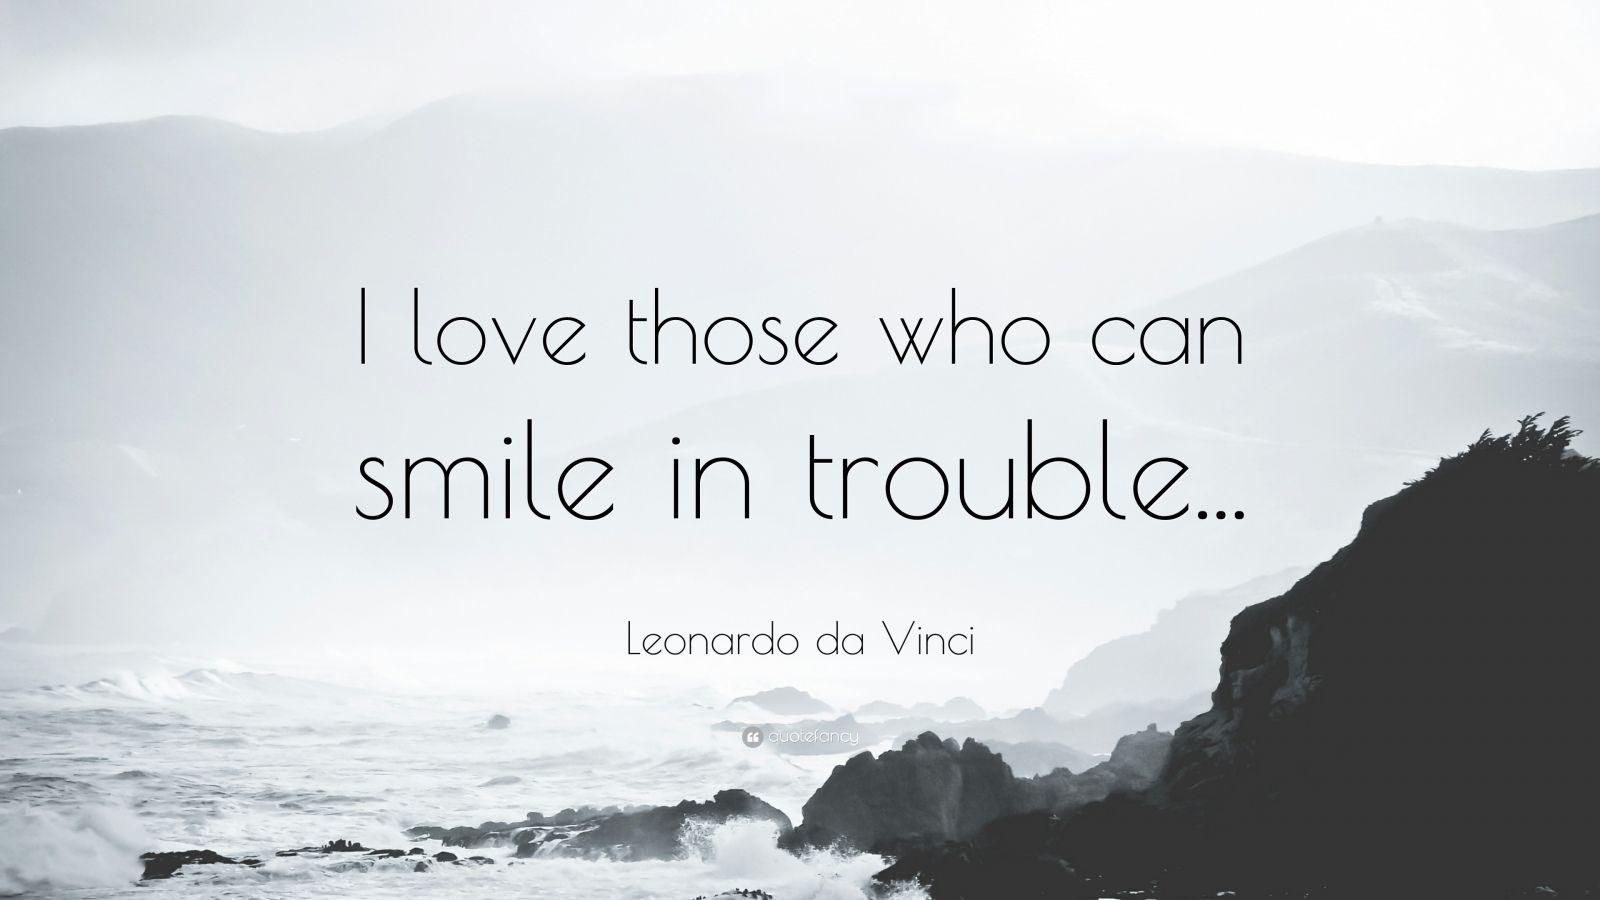 """Leonardo da Vinci Quote: """"I love those who can smile in trouble..."""""""